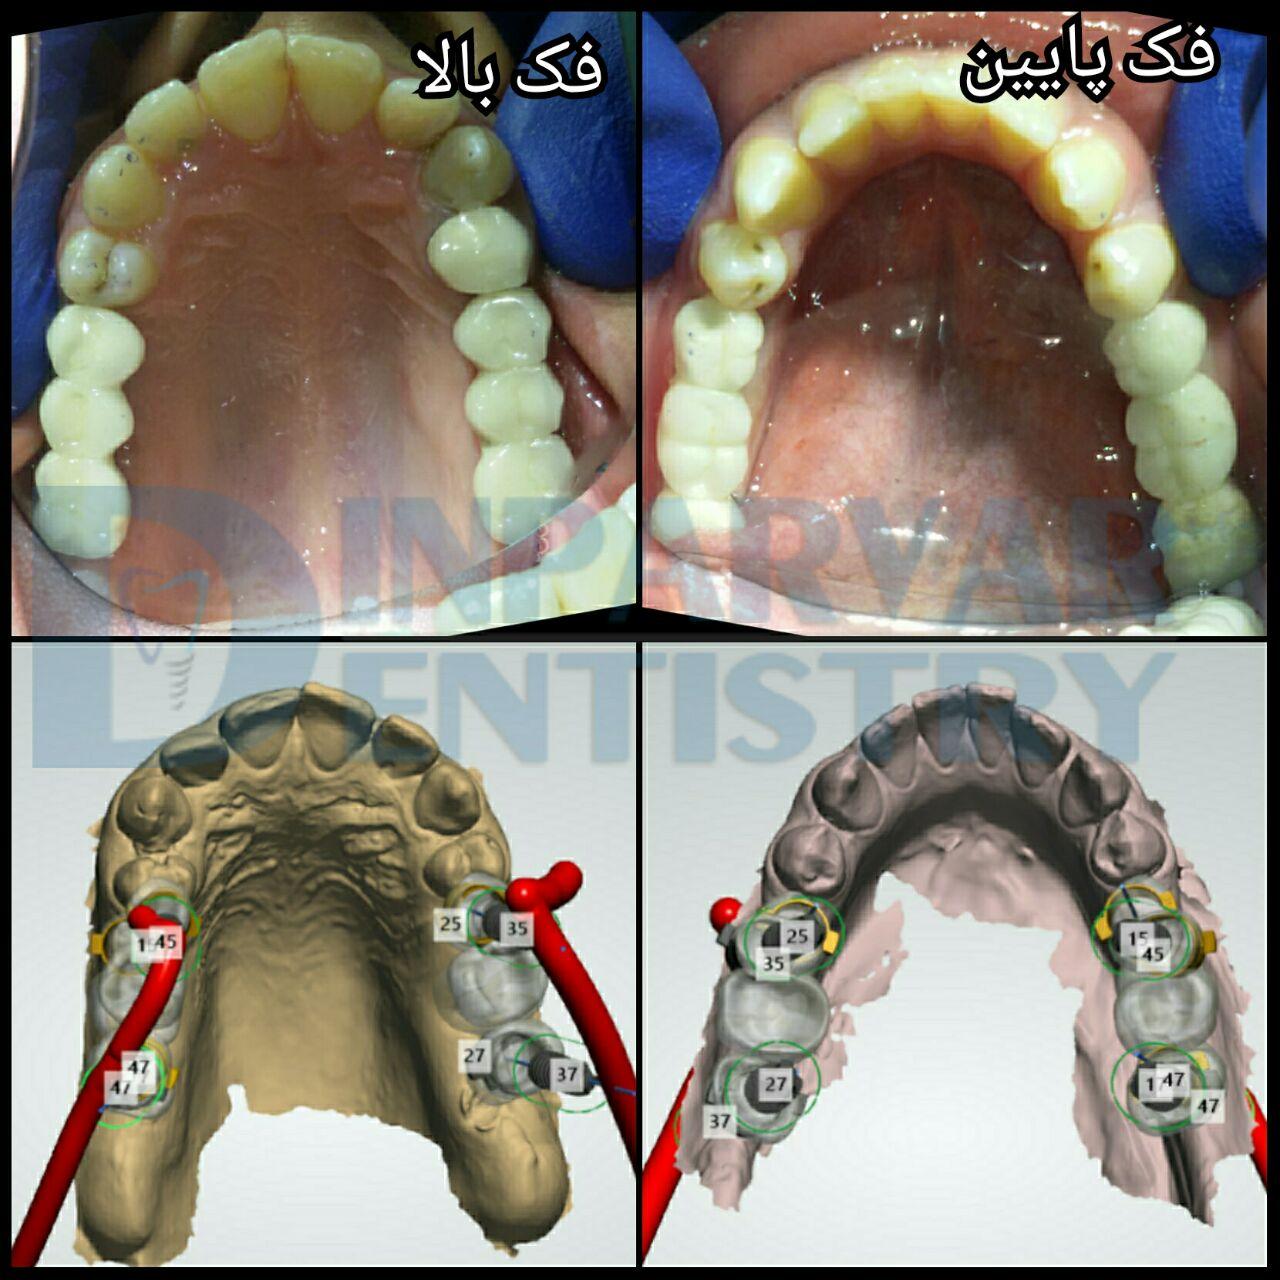 5 : درمان فضاهای بی دندانی به کمک ایمپلنت